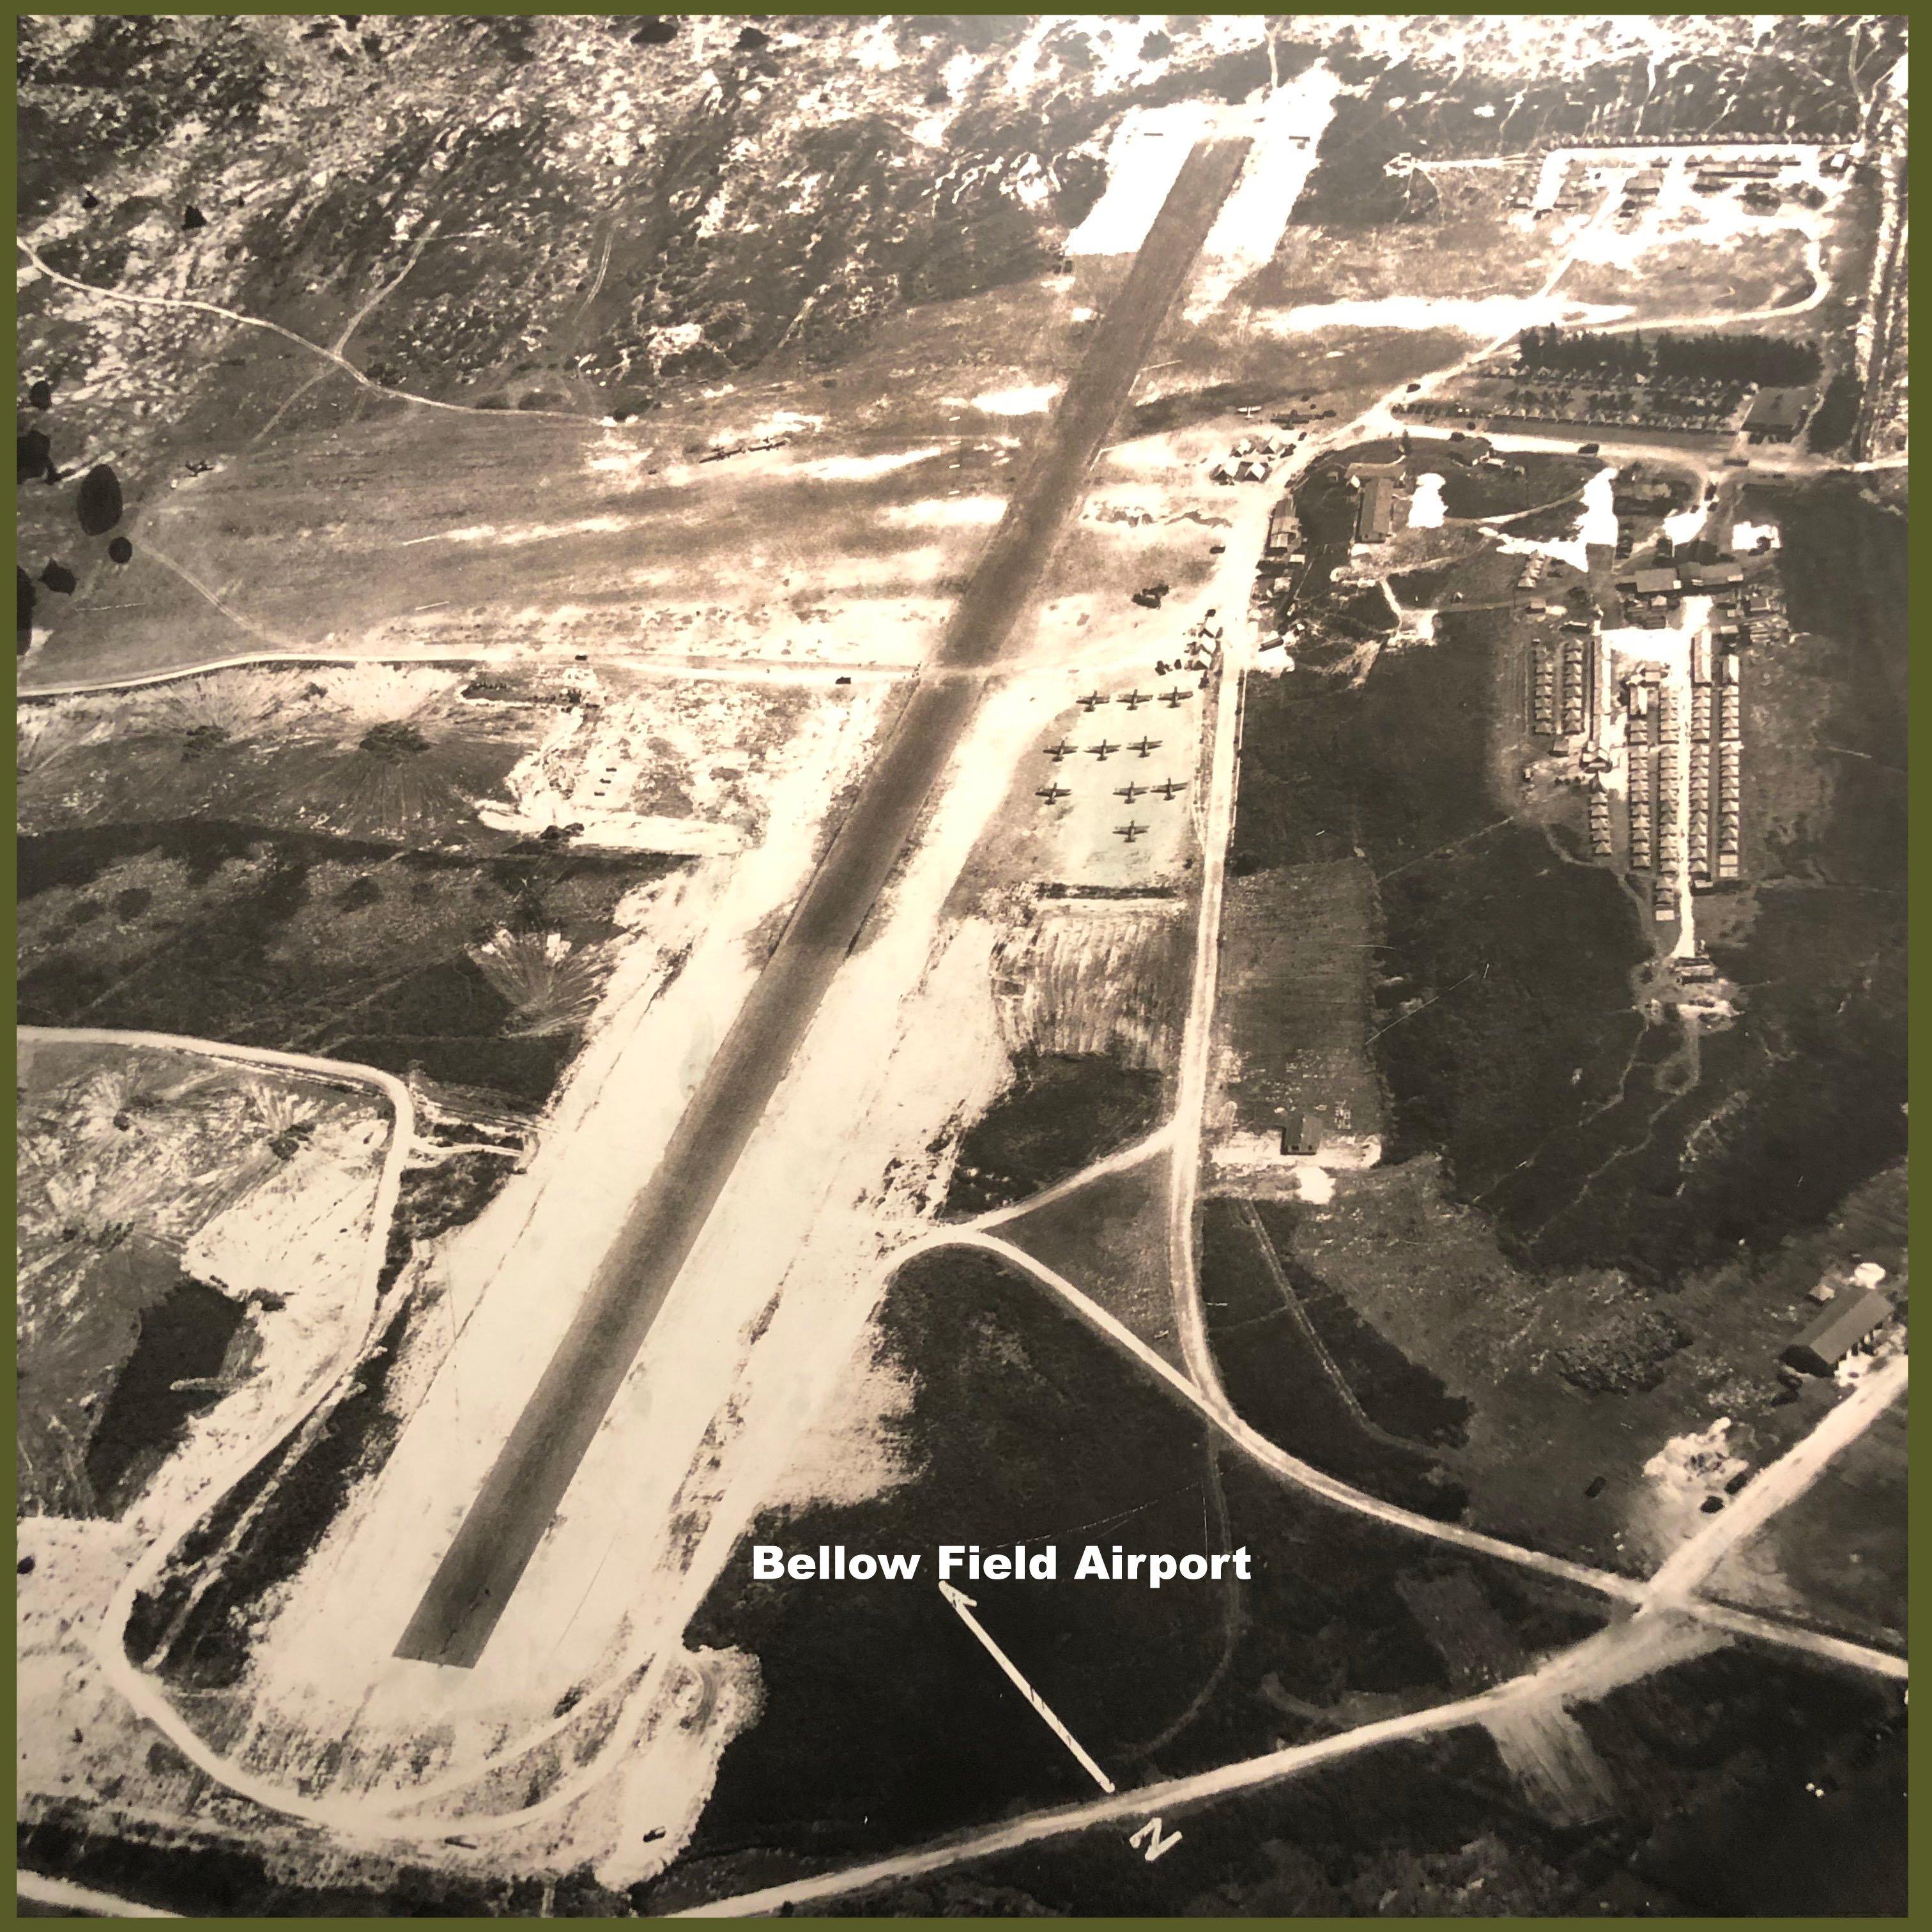 Bellows Field Airport